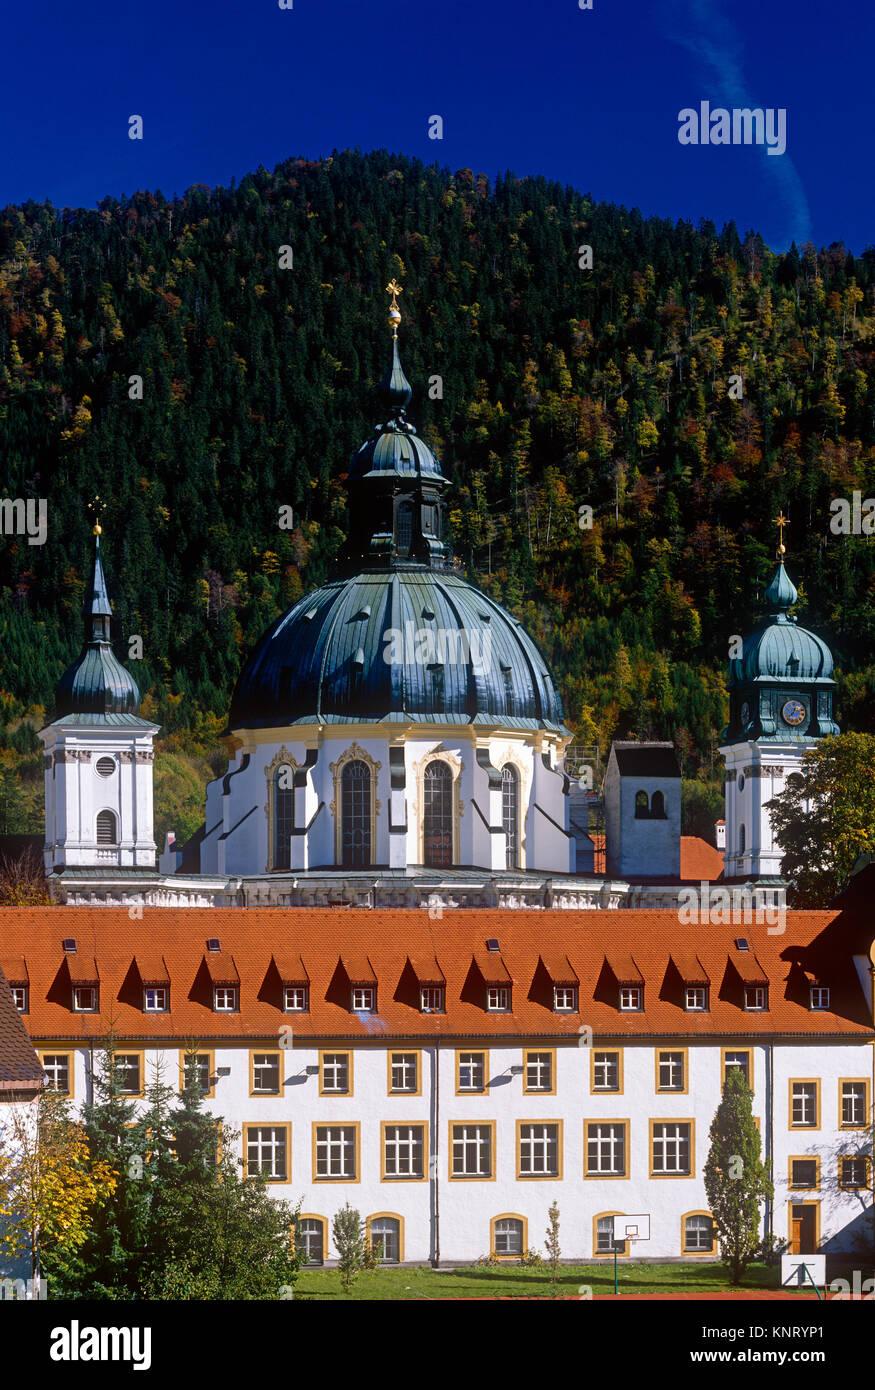 Monastère bénédictin Ettal, Bavière, Allemagne Photo Stock